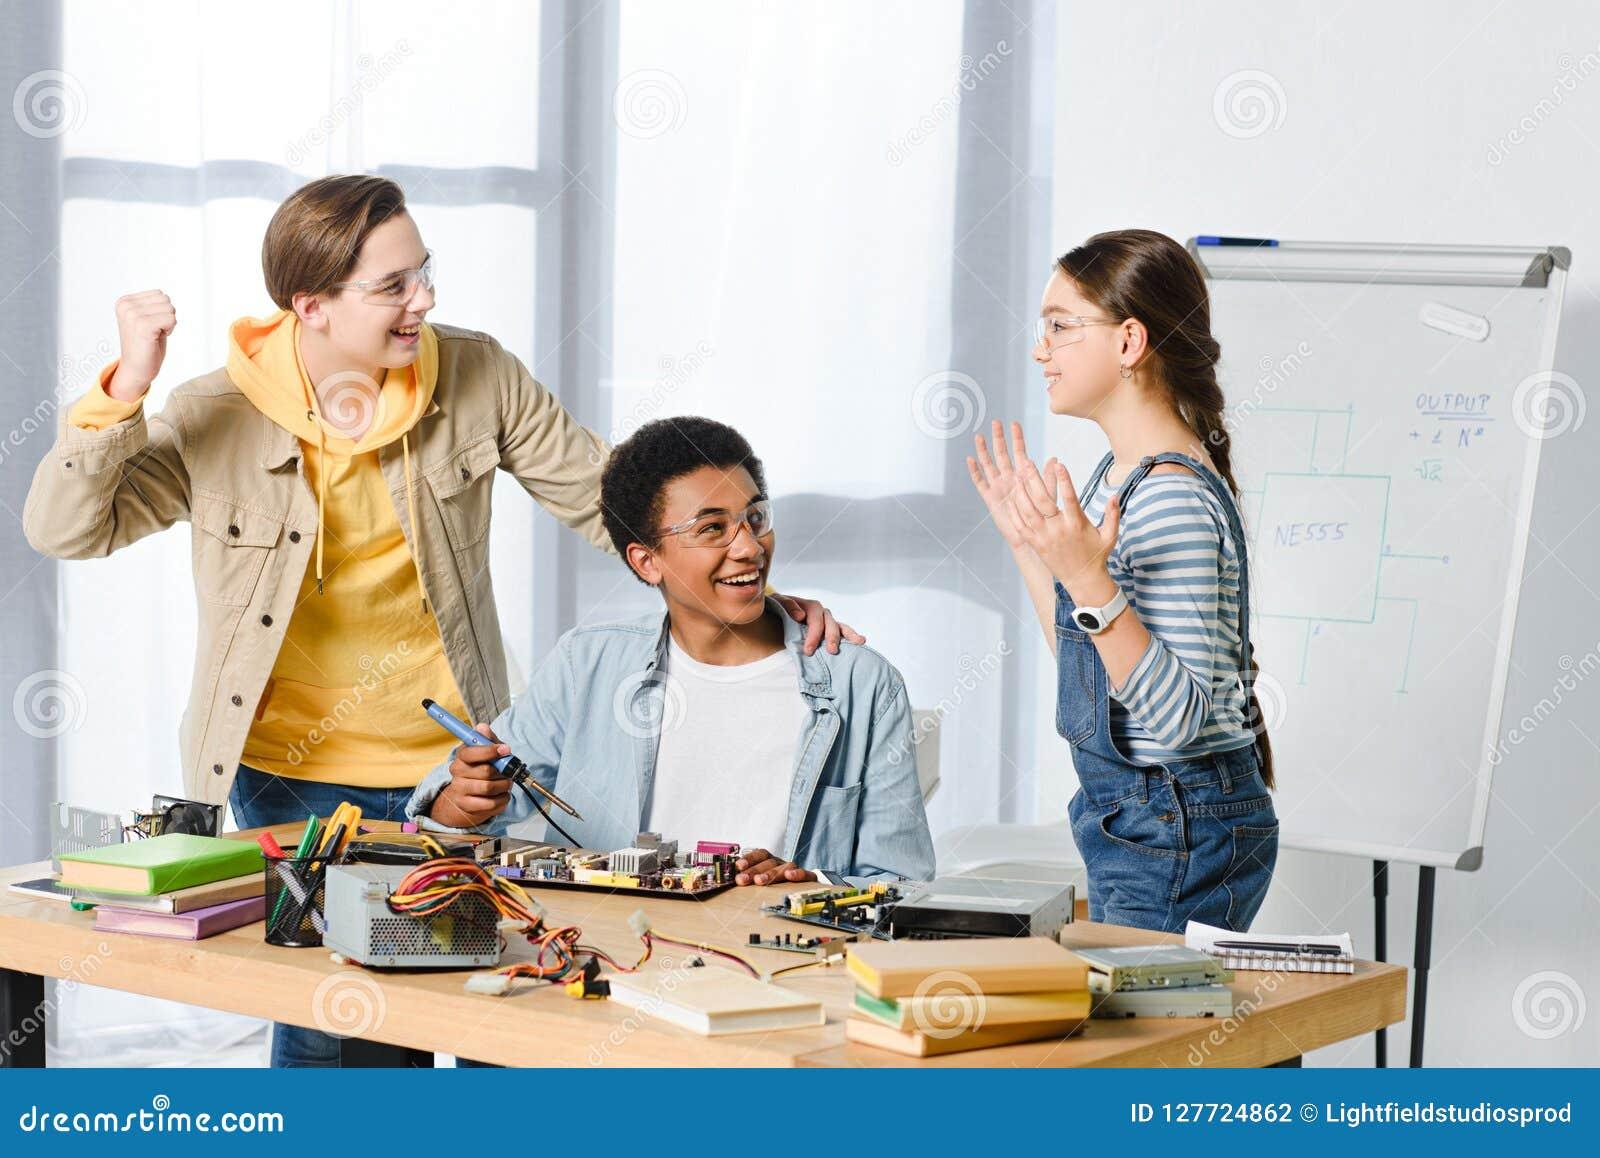 Szczęśliwi wielokulturowi nastolatkowie pokazuje tak gest podczas gdy konstruujący